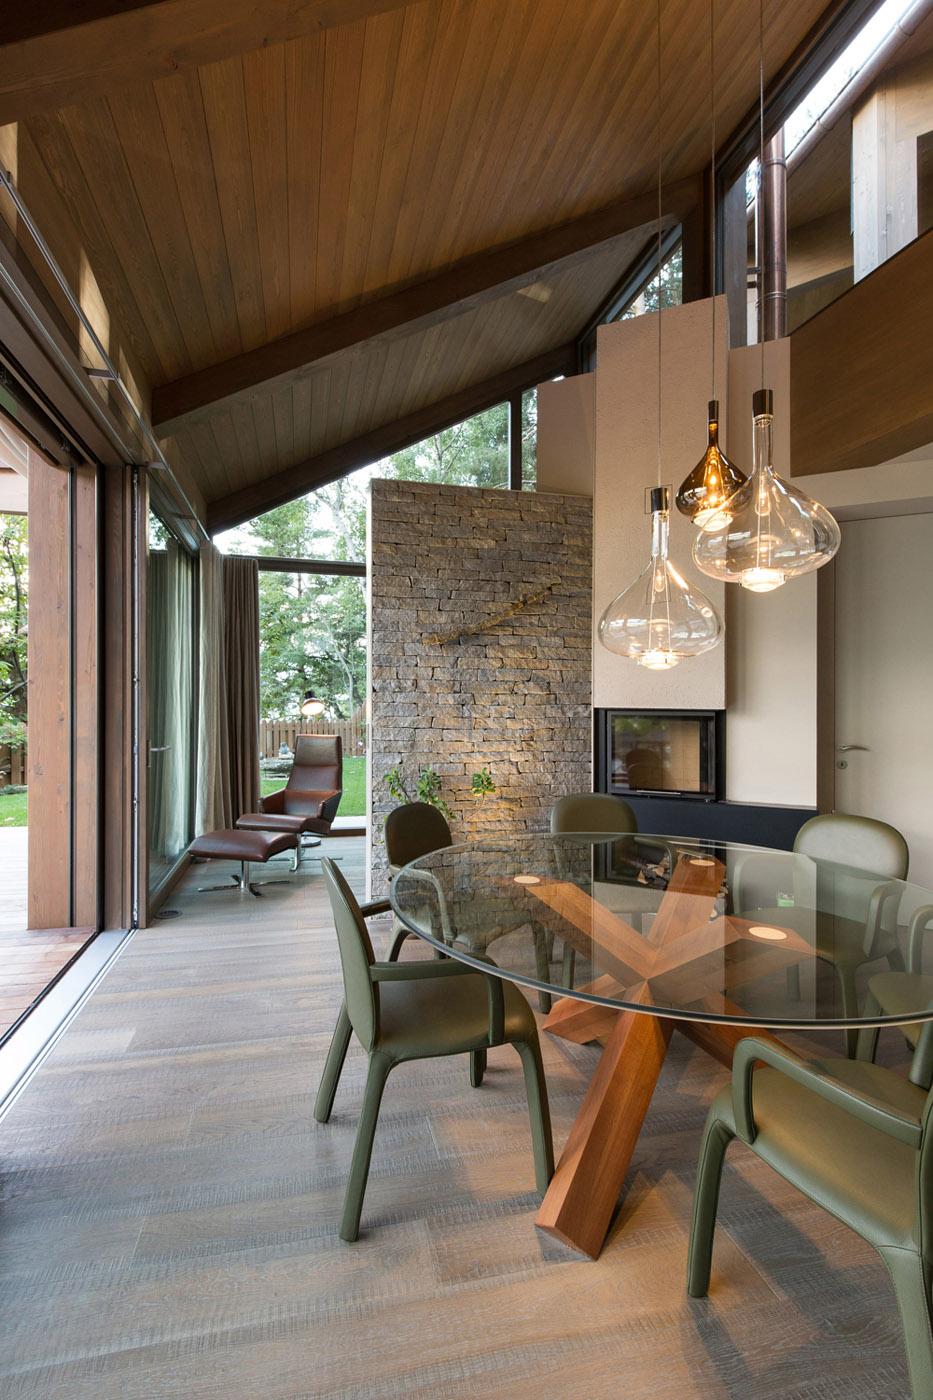 veduta interna - le mura di pietra proseguono all'interno della casa